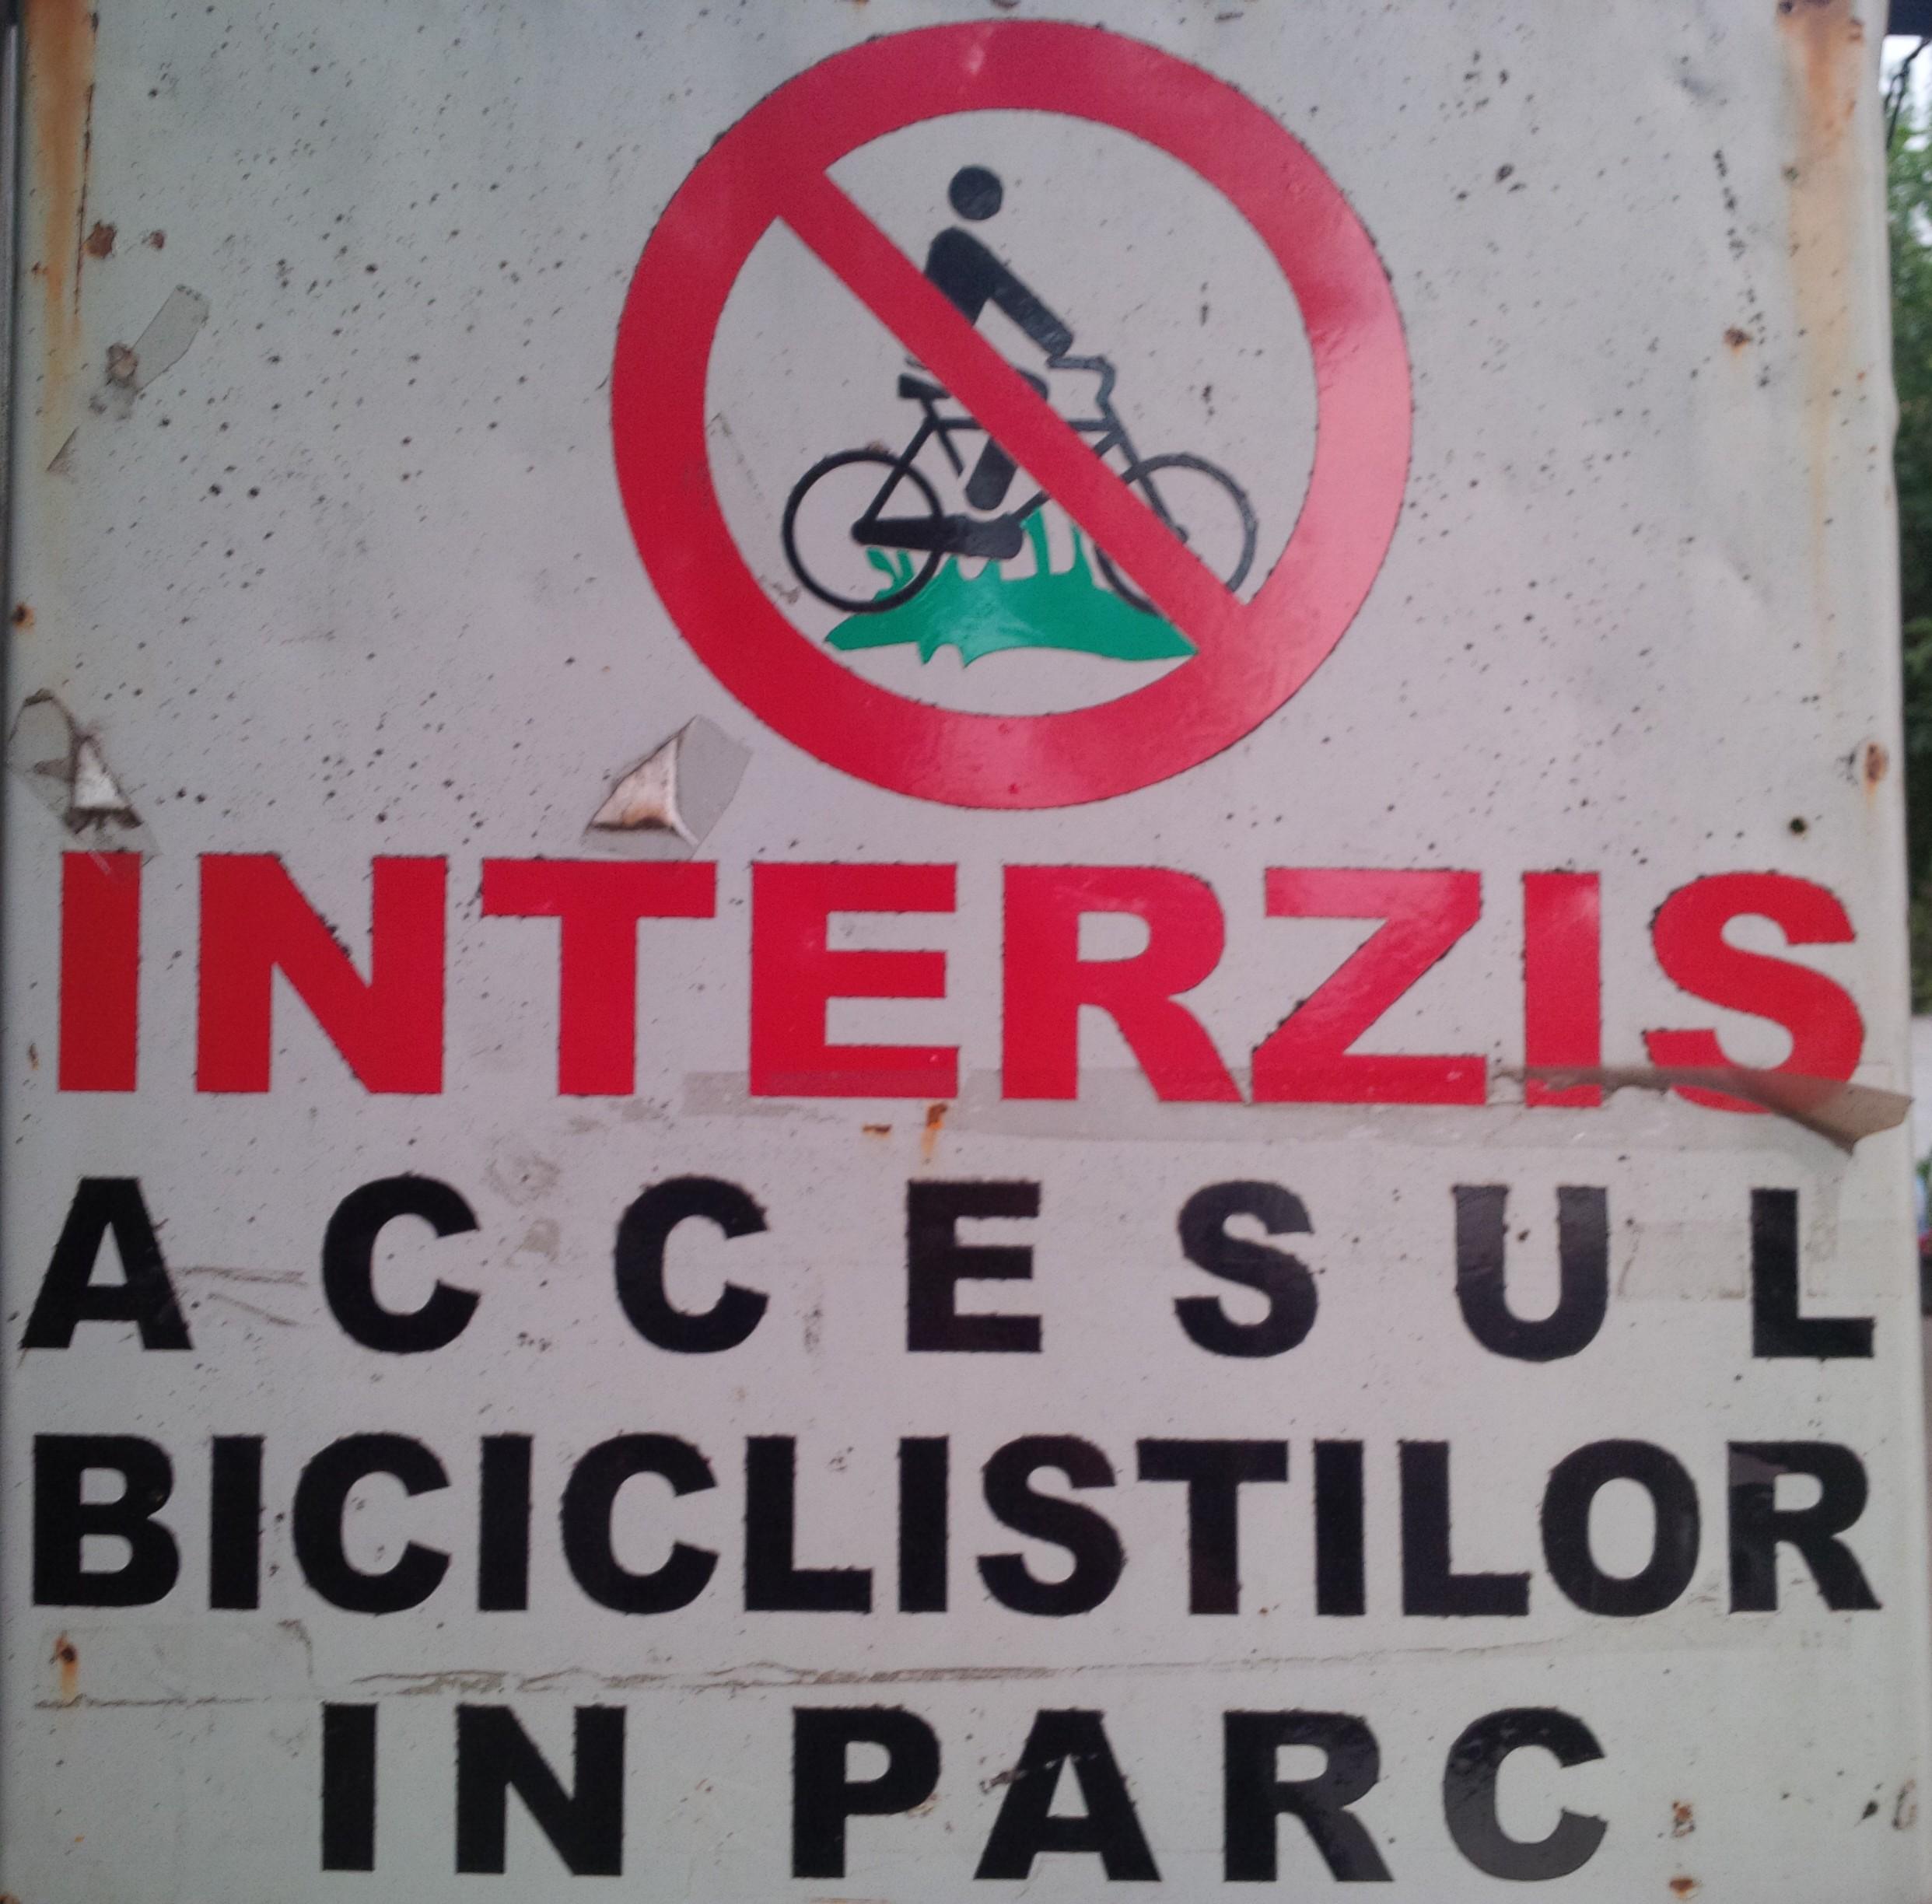 Interzis accesul biciliştilor în parc